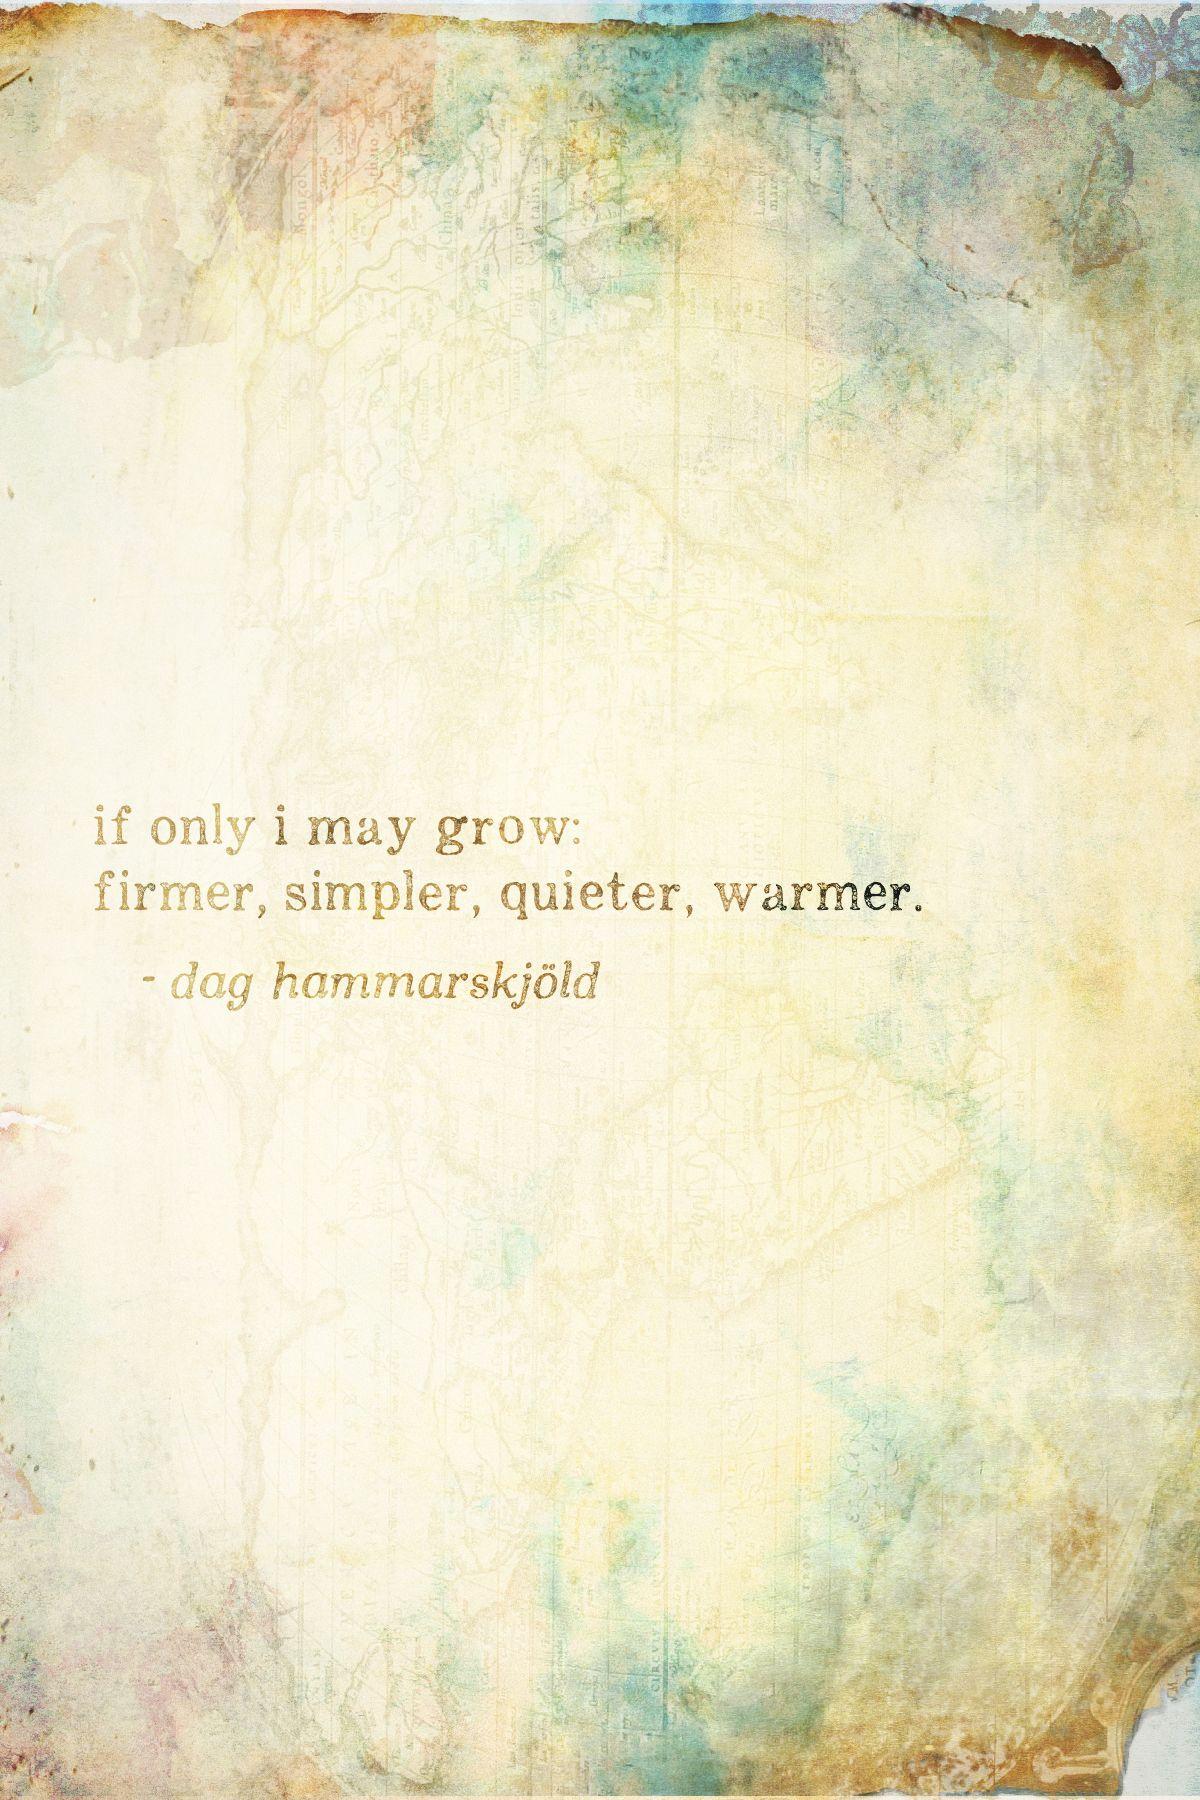 If only I may grow: firmer, simpler, quieter, warmer. [Dag Hammarskjöld]